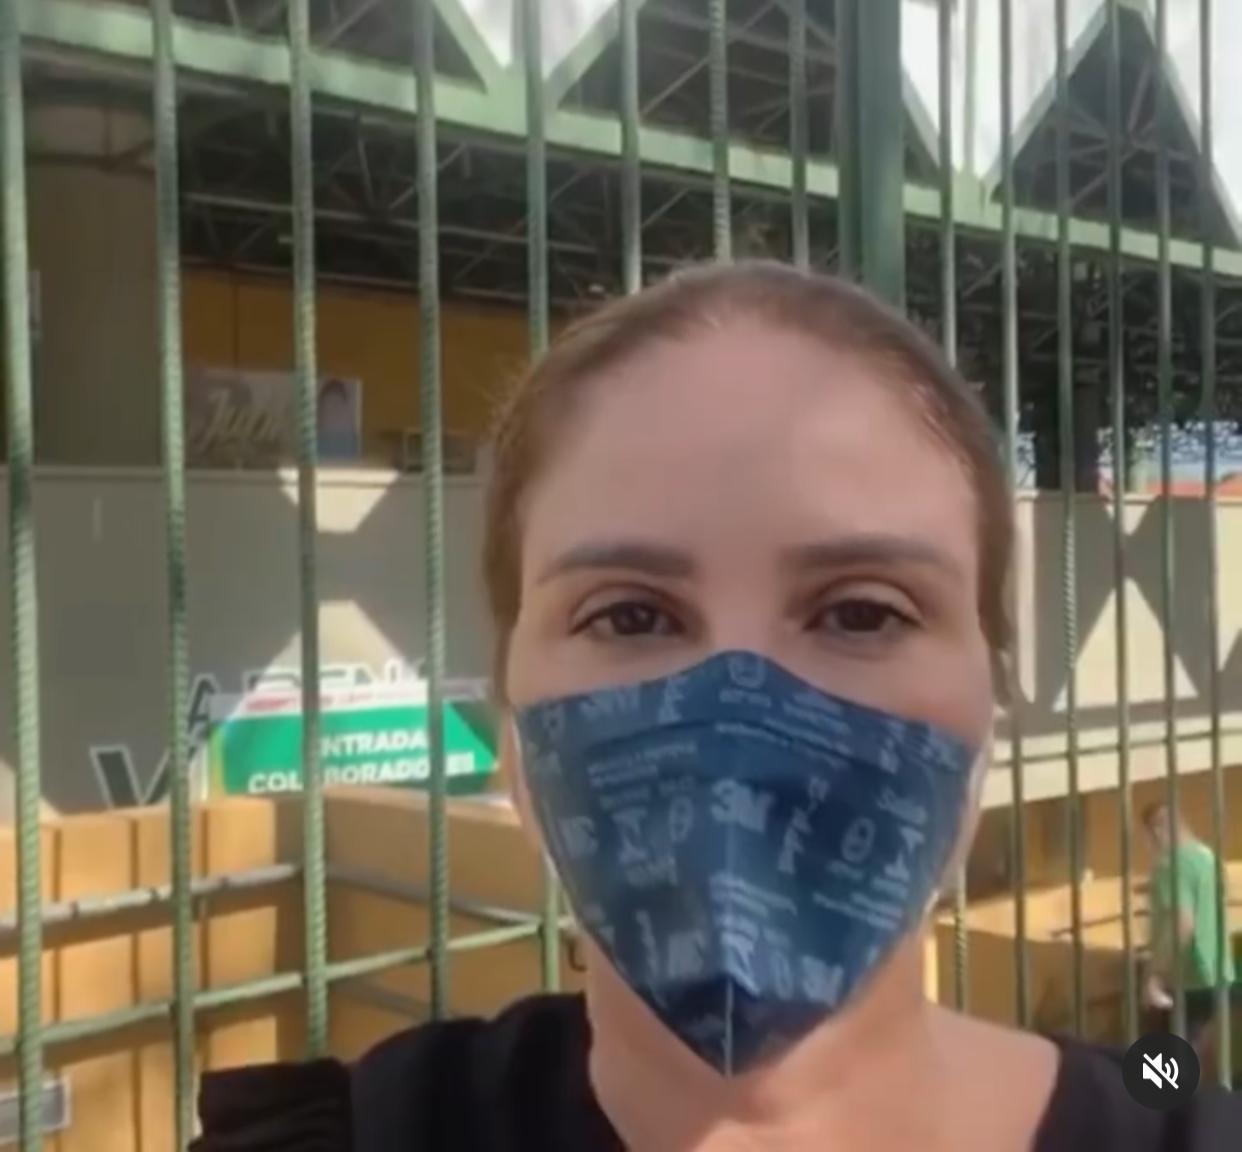 Deputada Lucy Soares é barrada na entrada de hospital de campanha - Foto: Reprodução/Instagram